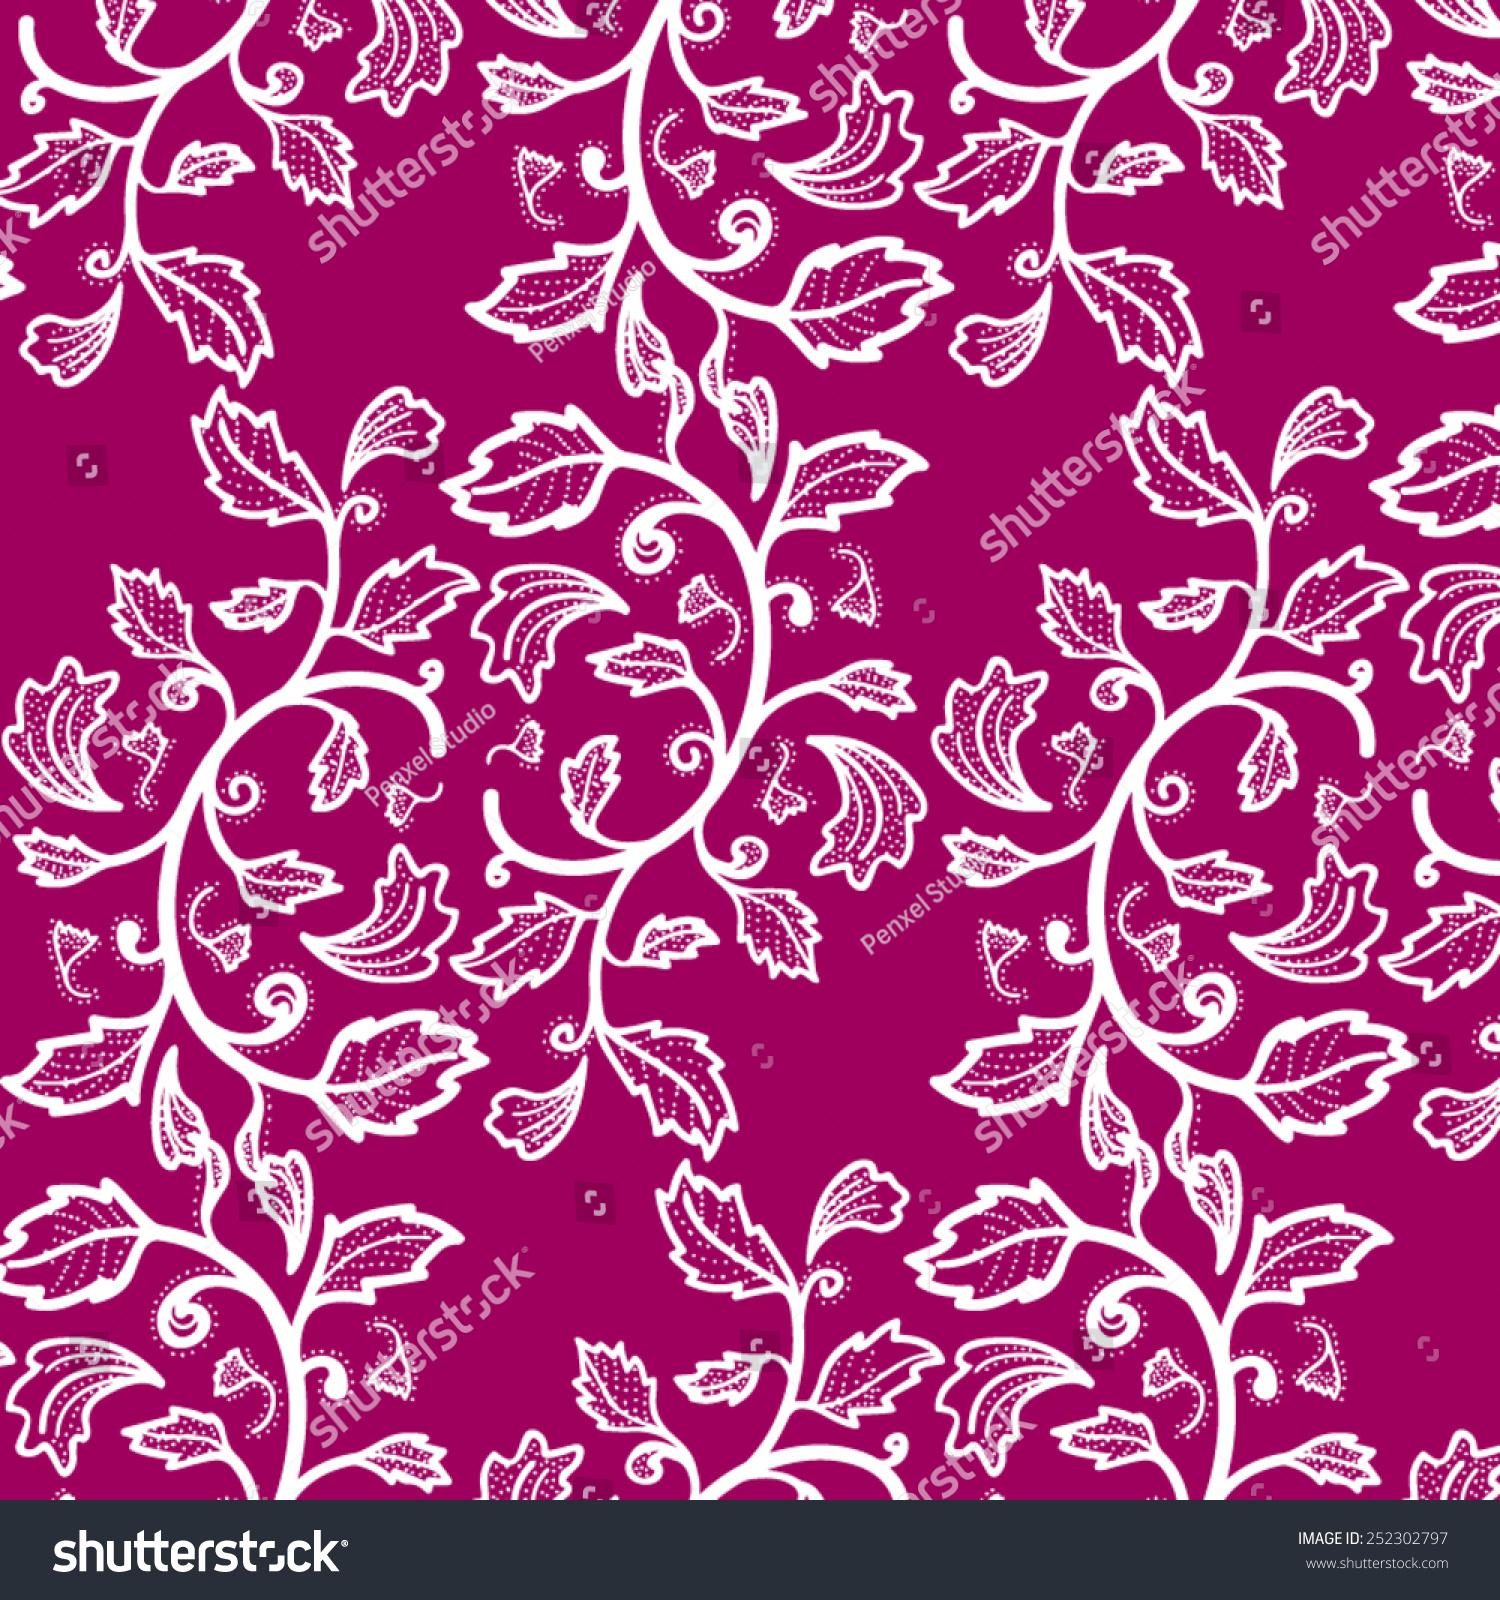 Gambar Batik Flower Stock Images Royalty Free Vectors